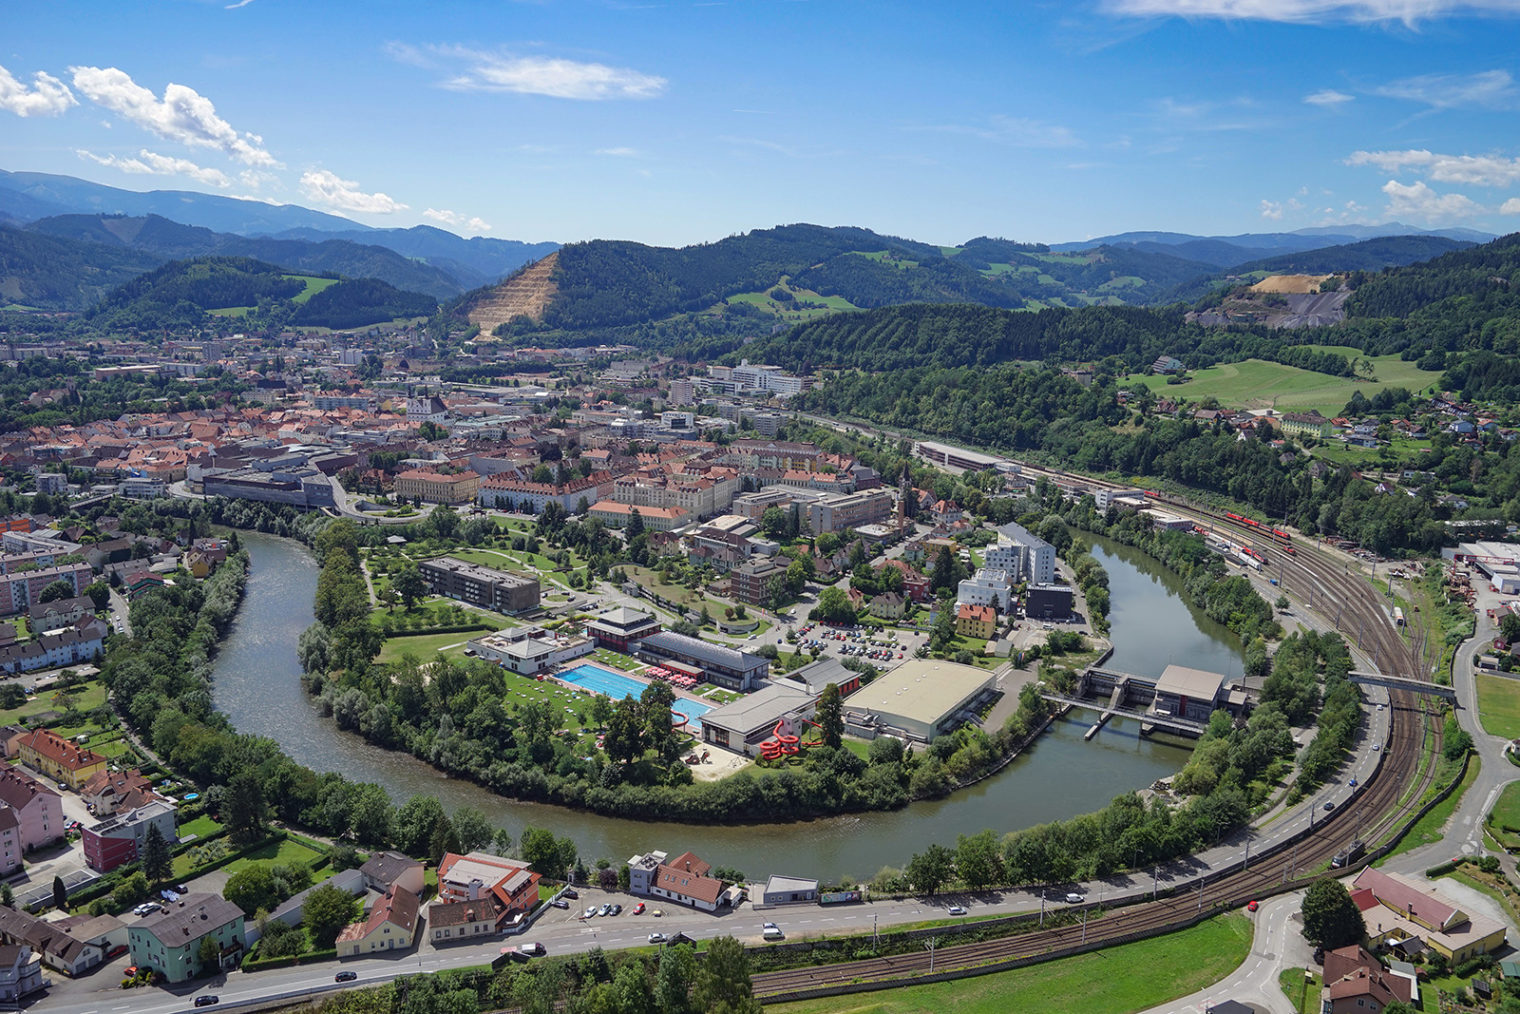 Luftbild Innenstadt Leoben und Mur